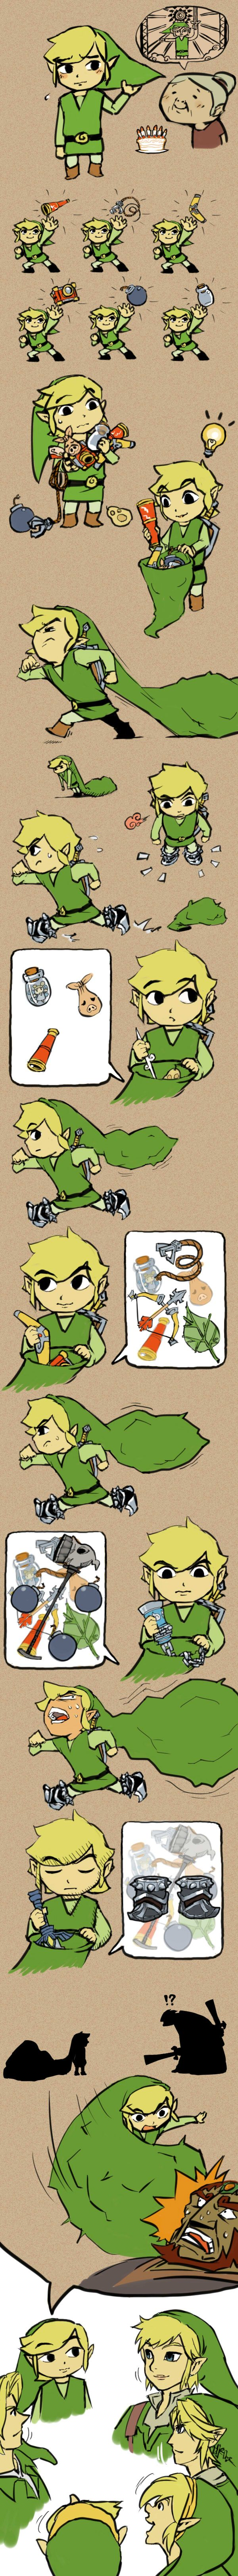 hahah that explains everything. #link #TheLegendOfZelda #Nintendo